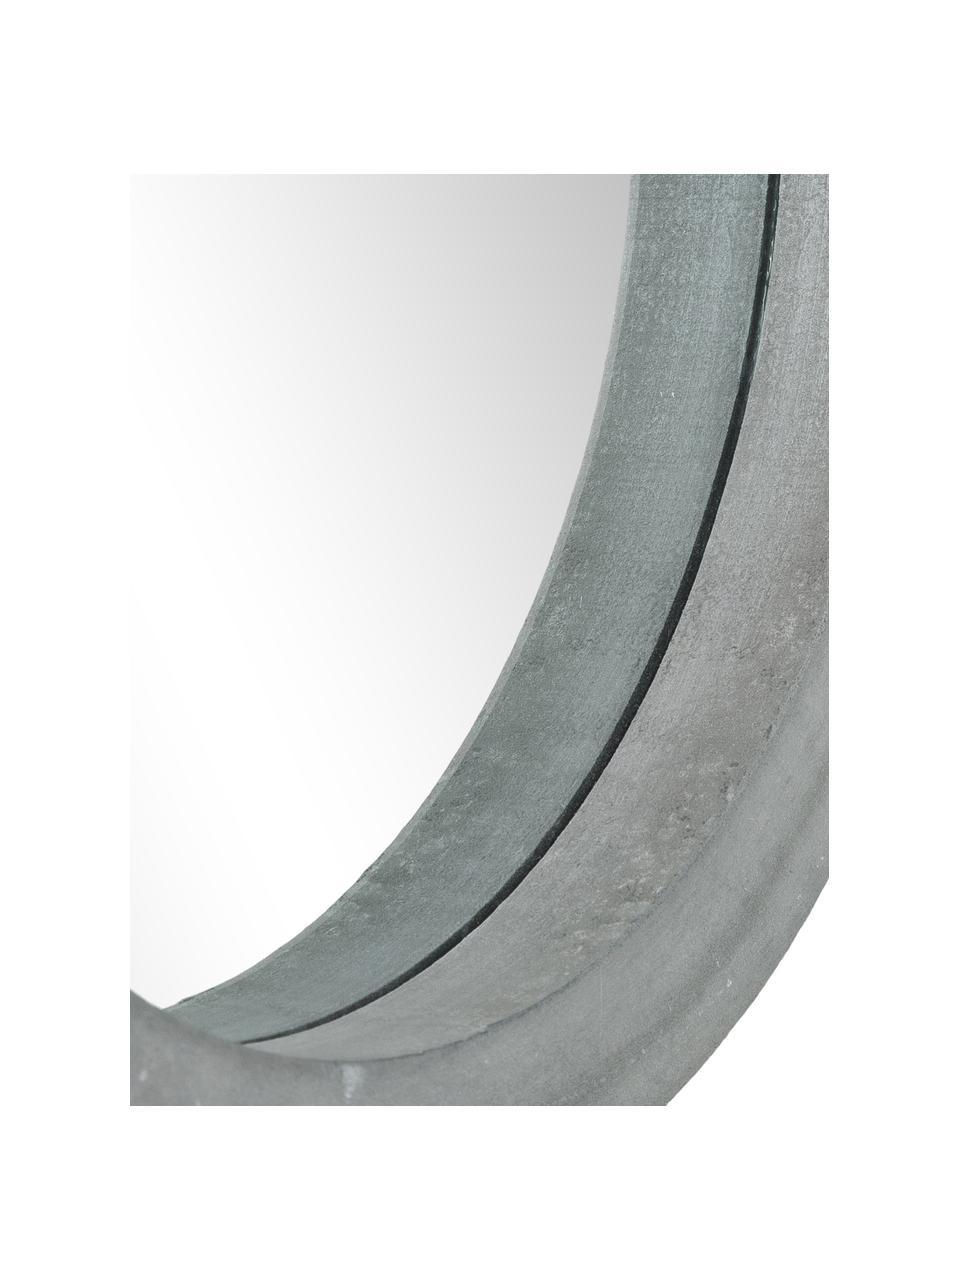 Rundes Wandspiegel-Set Brest mit grauen Holzahmen, 3-tlg., Rahmen: Mitteldichte Holzfaserpla, Front: Spiegelglas, Grau, Set mit verschiedenen Größen